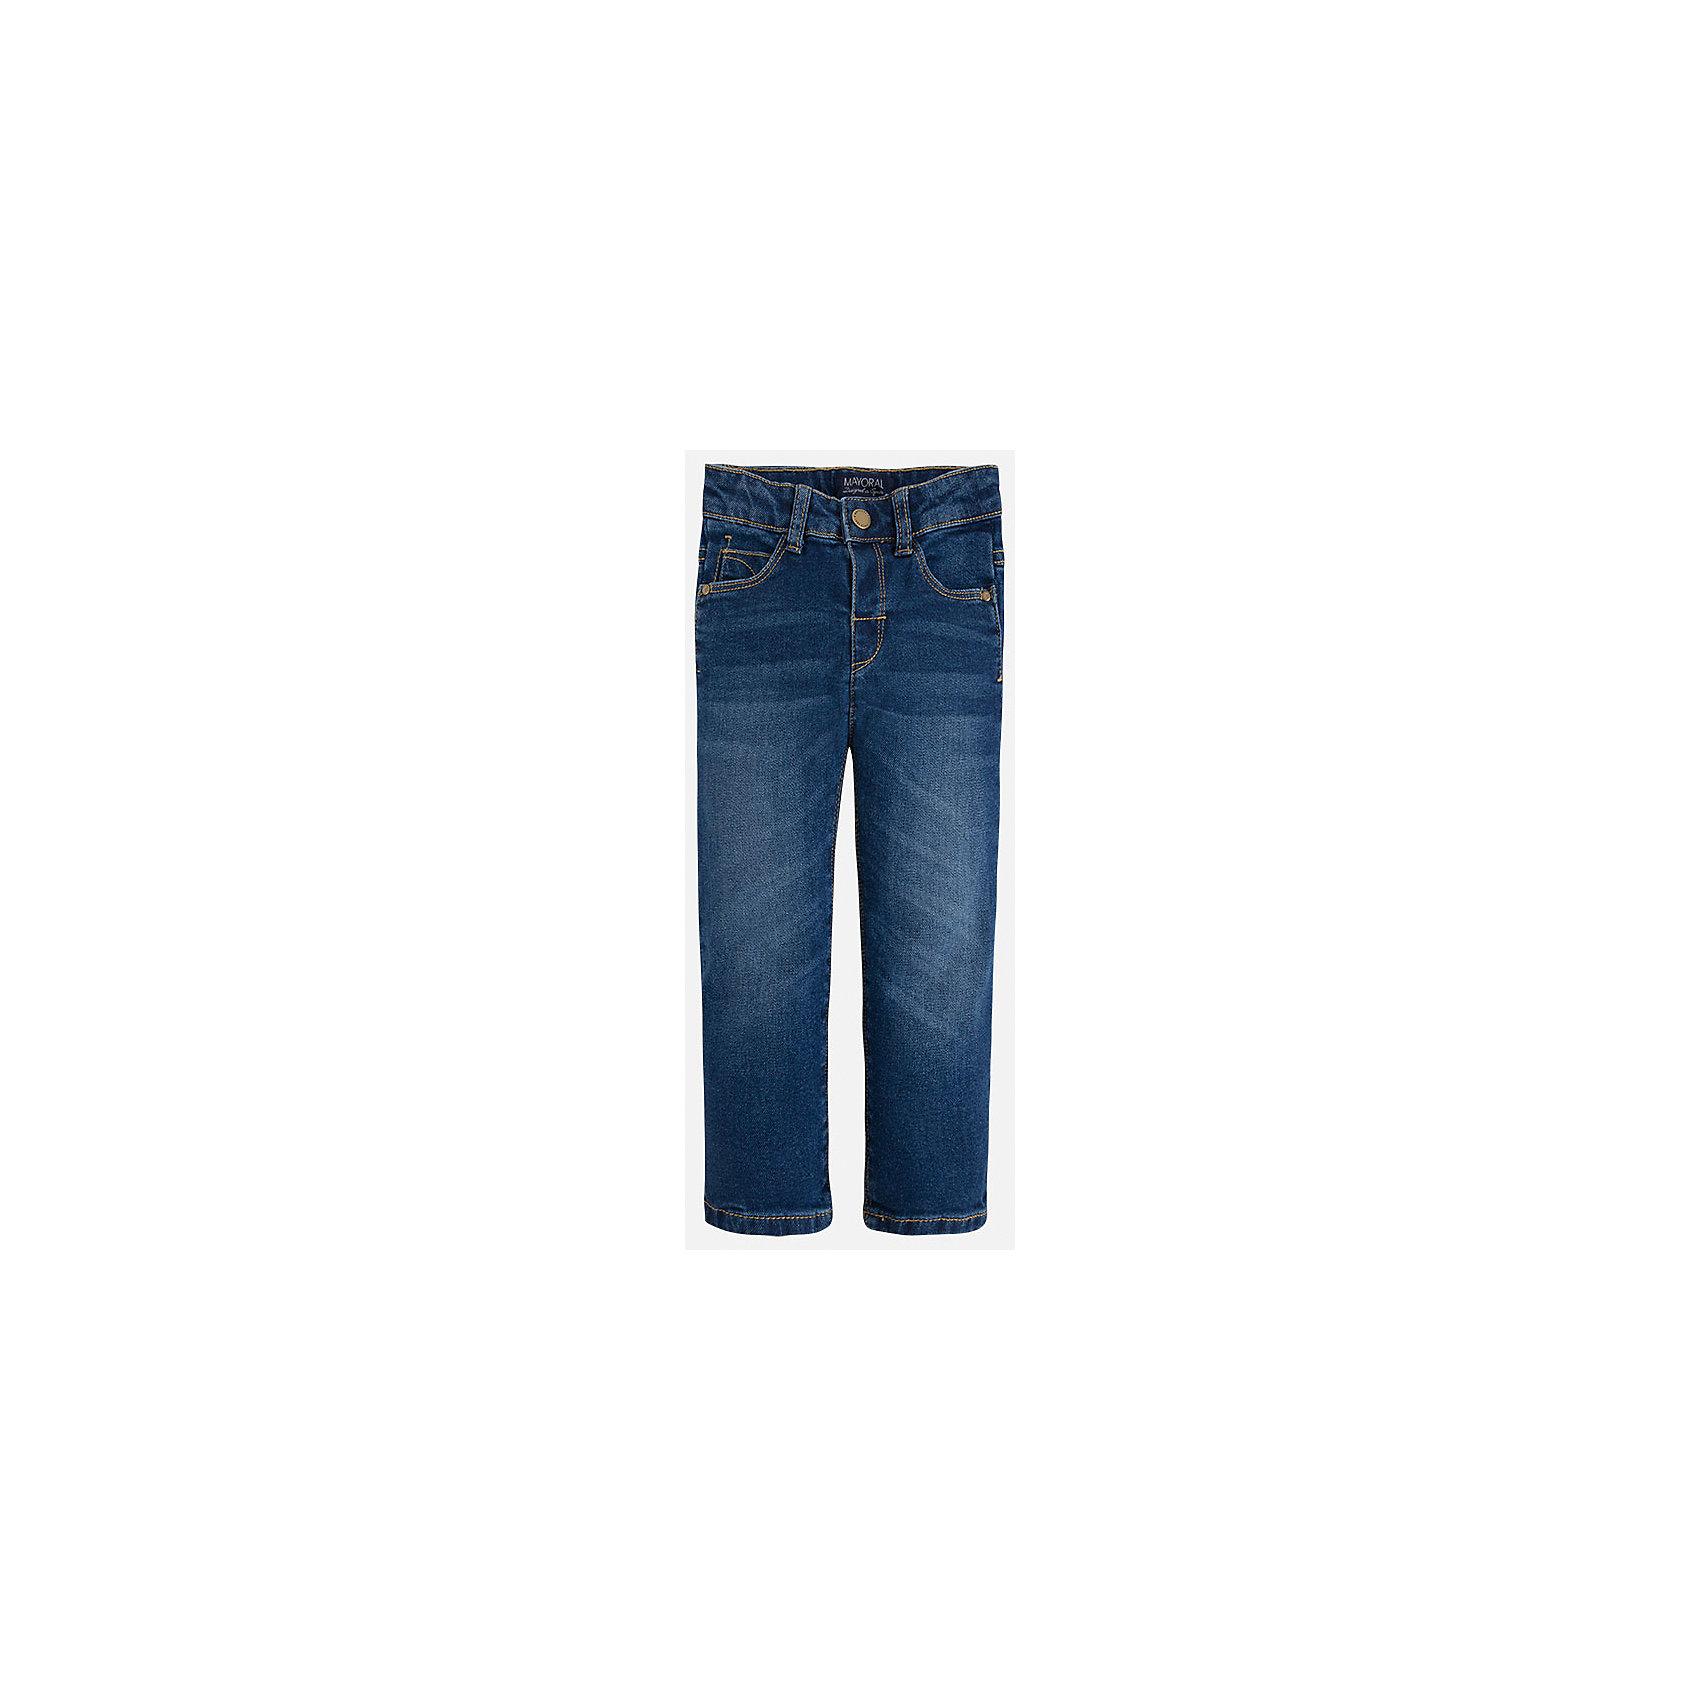 Джинсы для мальчика MayoralДжинсовая одежда<br>Классический джинсы - это неотъемлемый атрибут в гардеробе мальчишки!<br><br>Дополнительная информация:<br><br>- Крой: Regular Fit.<br>- Страна бренда: Испания.<br>- Состав: хлопок 98%, эластан 2%.<br>- Цвет: темно-синий.<br>- Уход: бережная стирка при 30 градусах.<br><br>Купить брюки для мальчика Mayoral можно в нашем магазине.<br><br>Ширина мм: 215<br>Глубина мм: 88<br>Высота мм: 191<br>Вес г: 336<br>Цвет: синий<br>Возраст от месяцев: 18<br>Возраст до месяцев: 24<br>Пол: Мужской<br>Возраст: Детский<br>Размер: 92,122,134,128,116,110,104,98<br>SKU: 4821748